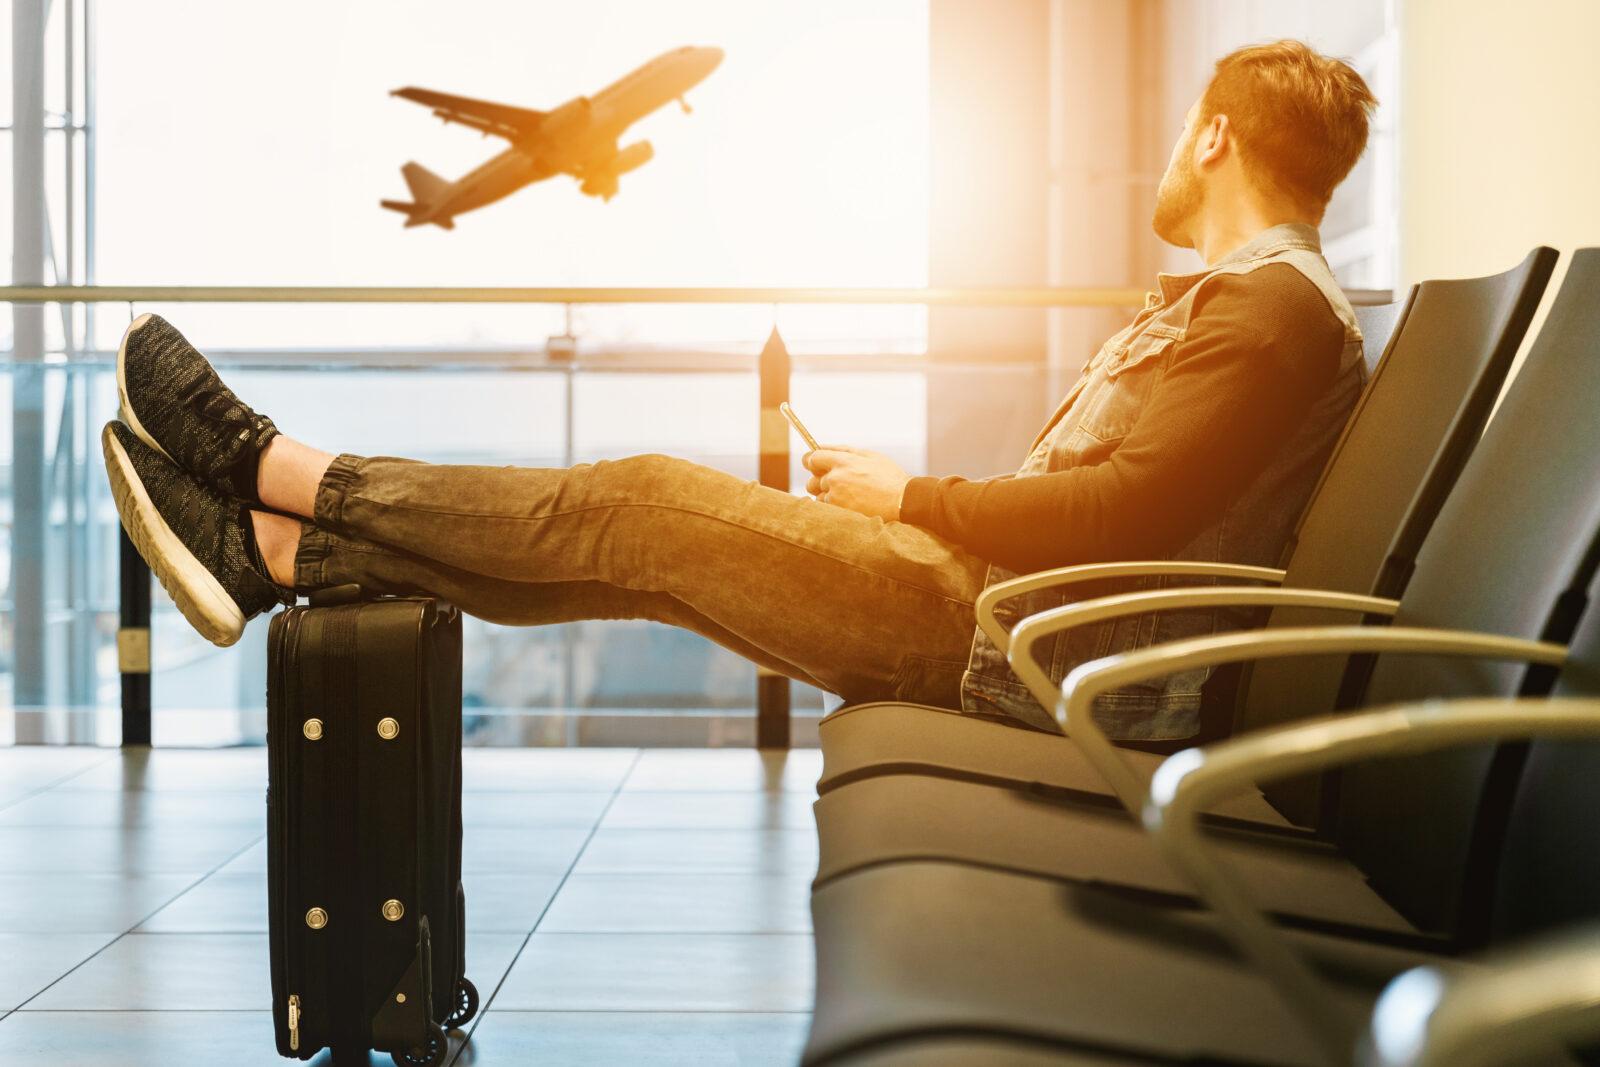 Hvad skal du som arbejdsgiver sikre dig over for dine medarbejdere i relation til Udenrigsministeriets seneste rejsevejledninger?